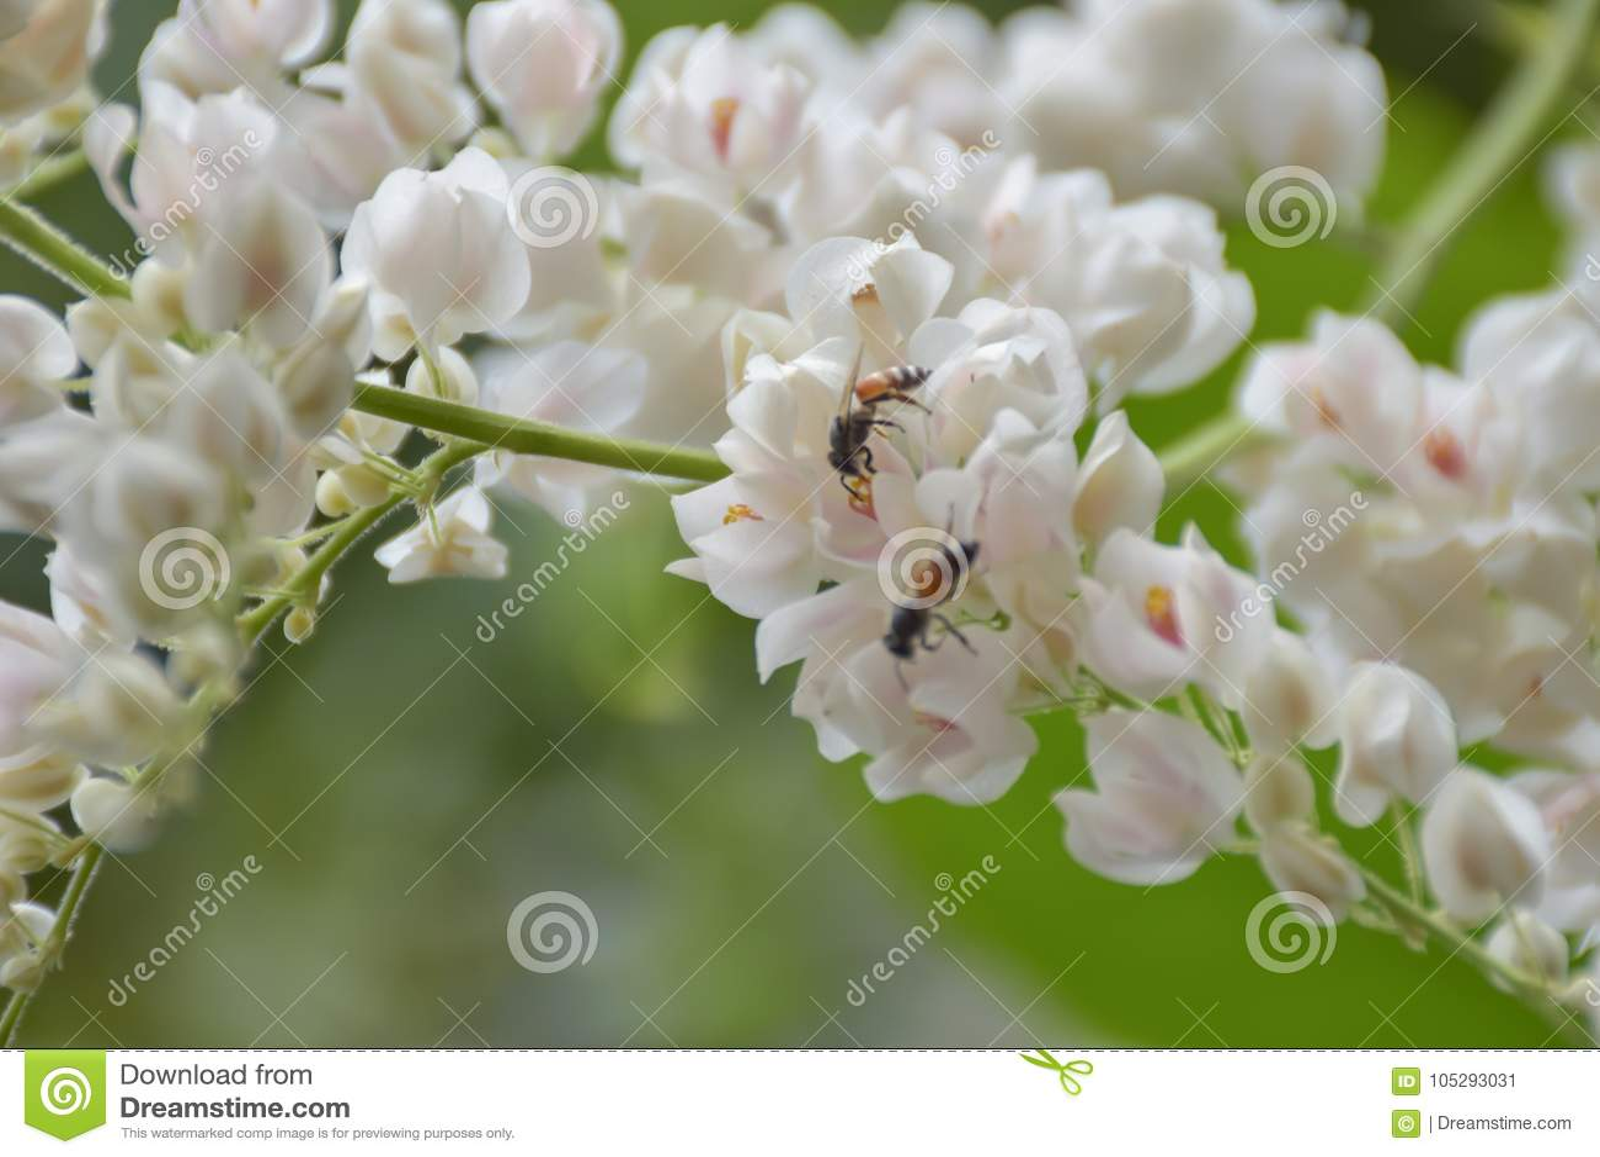 Las abejas chupan de la flor blanca del polen